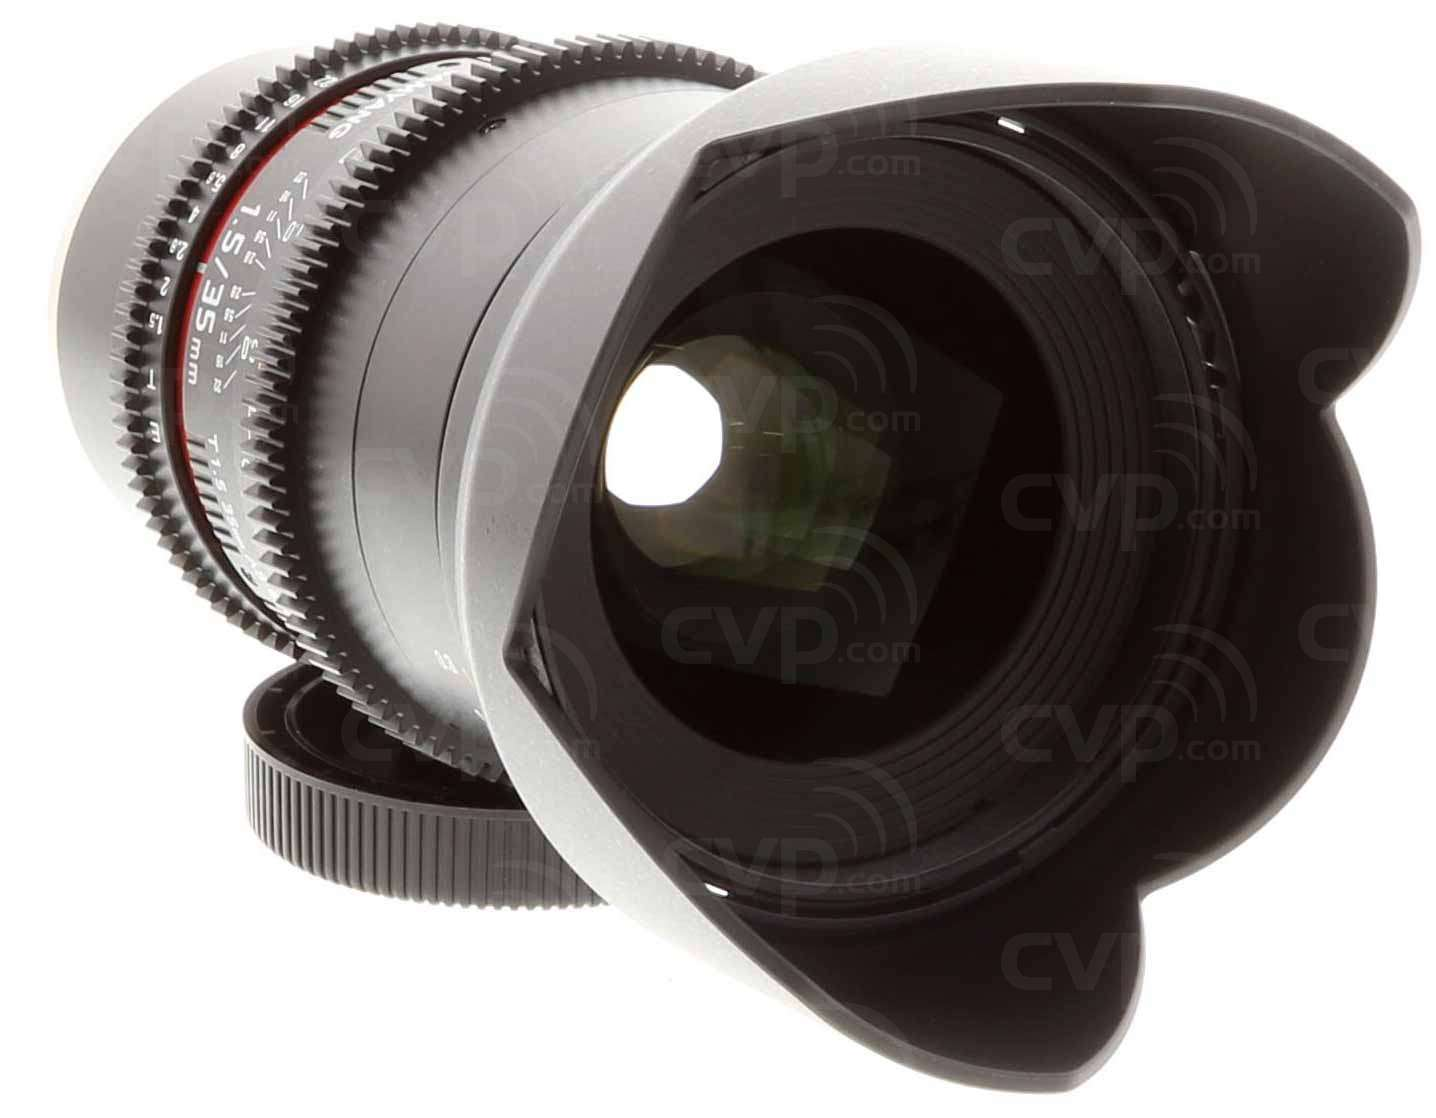 Samyang (7811) 35mm T1.5 VDSLR AS UMC II Lens, Sony